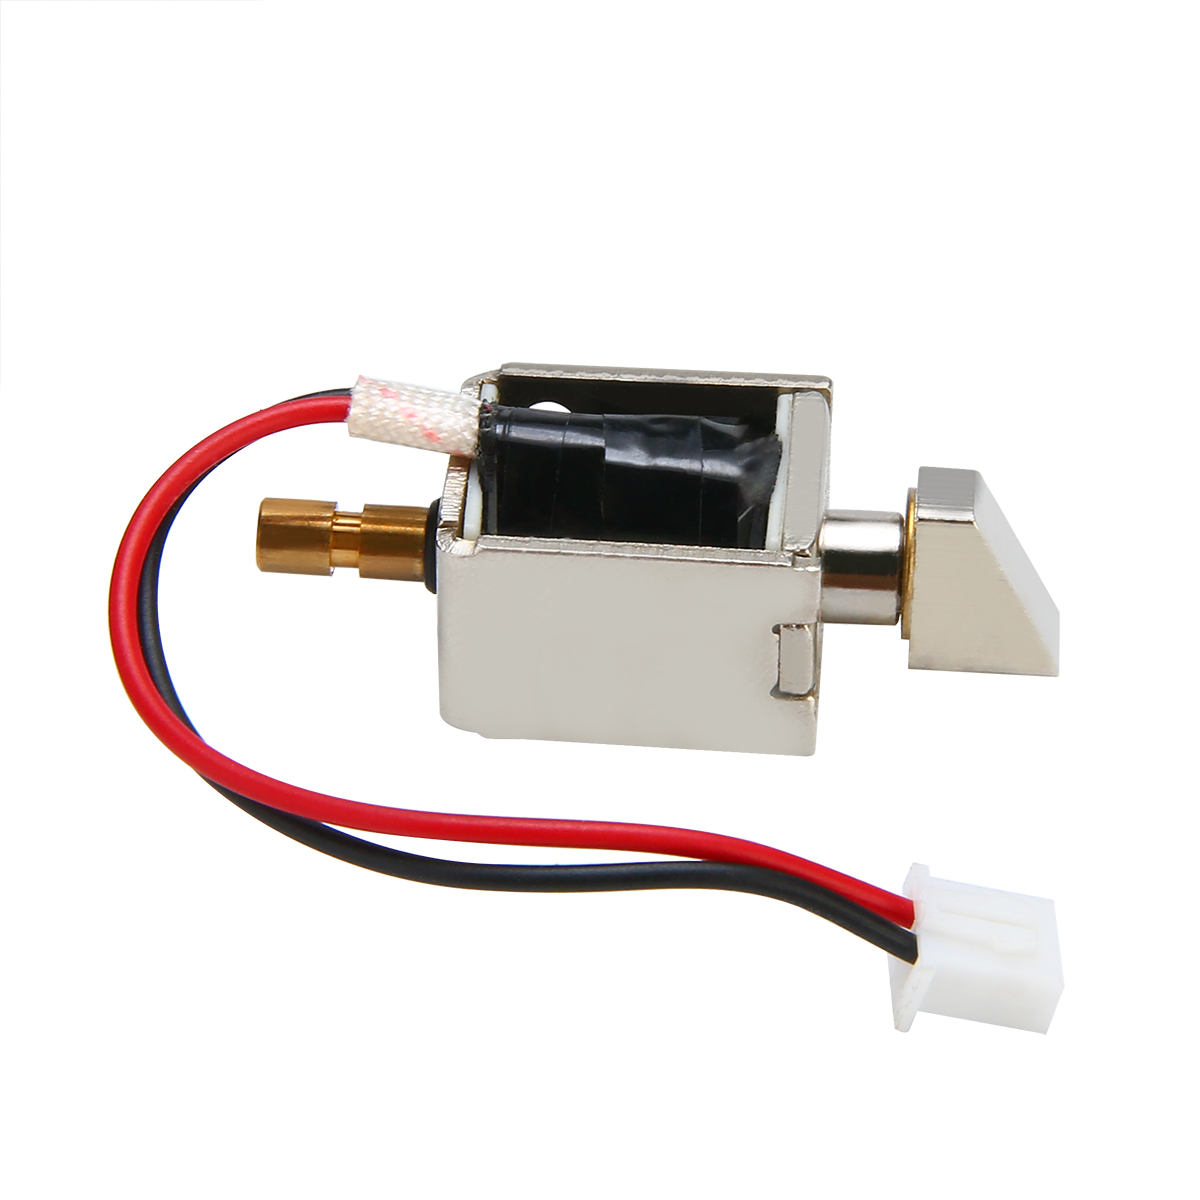 DC12V 0.5A маленькие магнитные электромагнитный замок Электрический Управление ящика шкафа замок Push-Pull цилиндрический доступа Управление